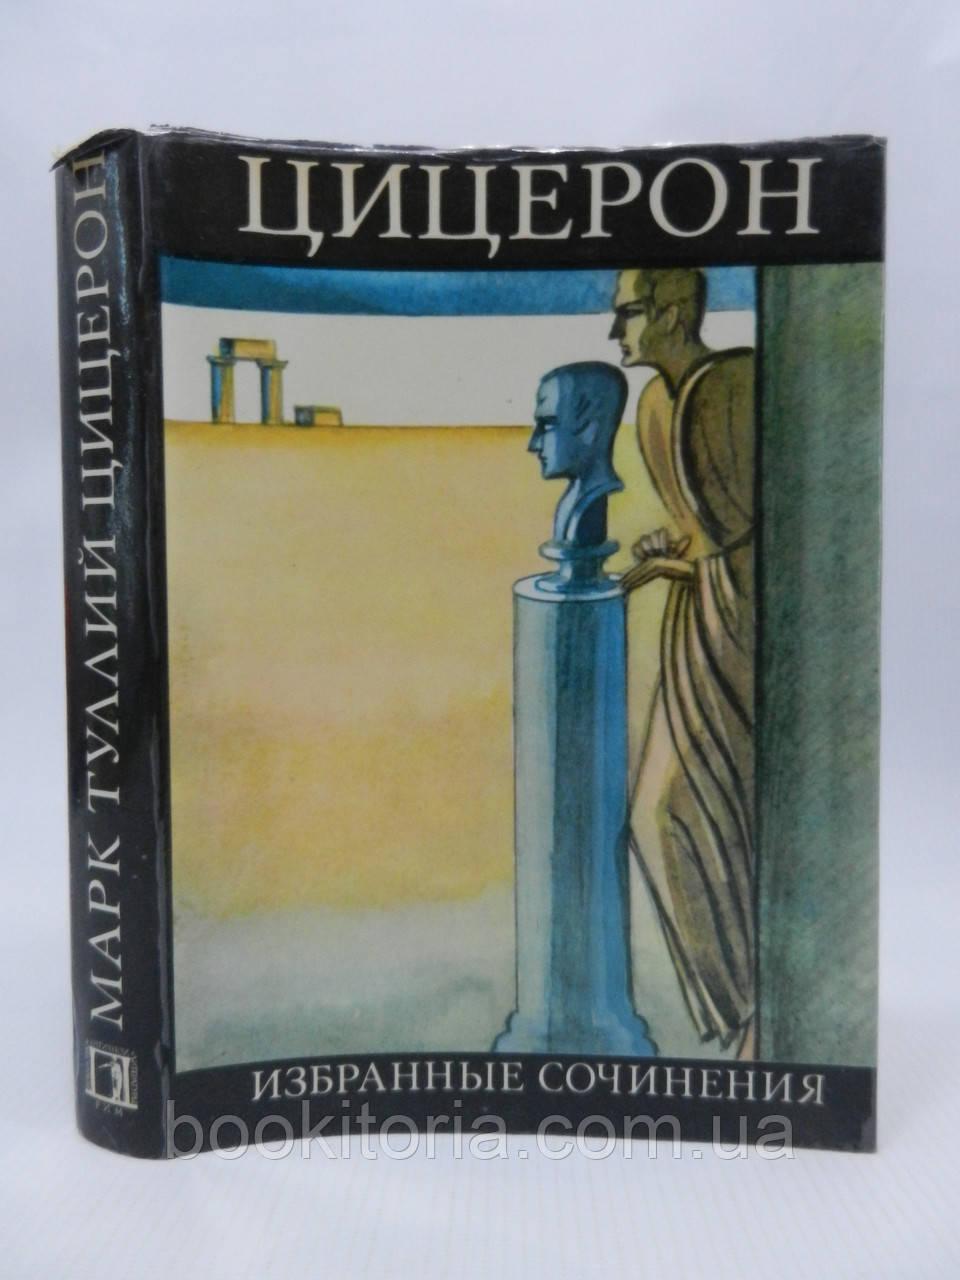 Цицерон М.Т. Избранные сочинения (б/у).